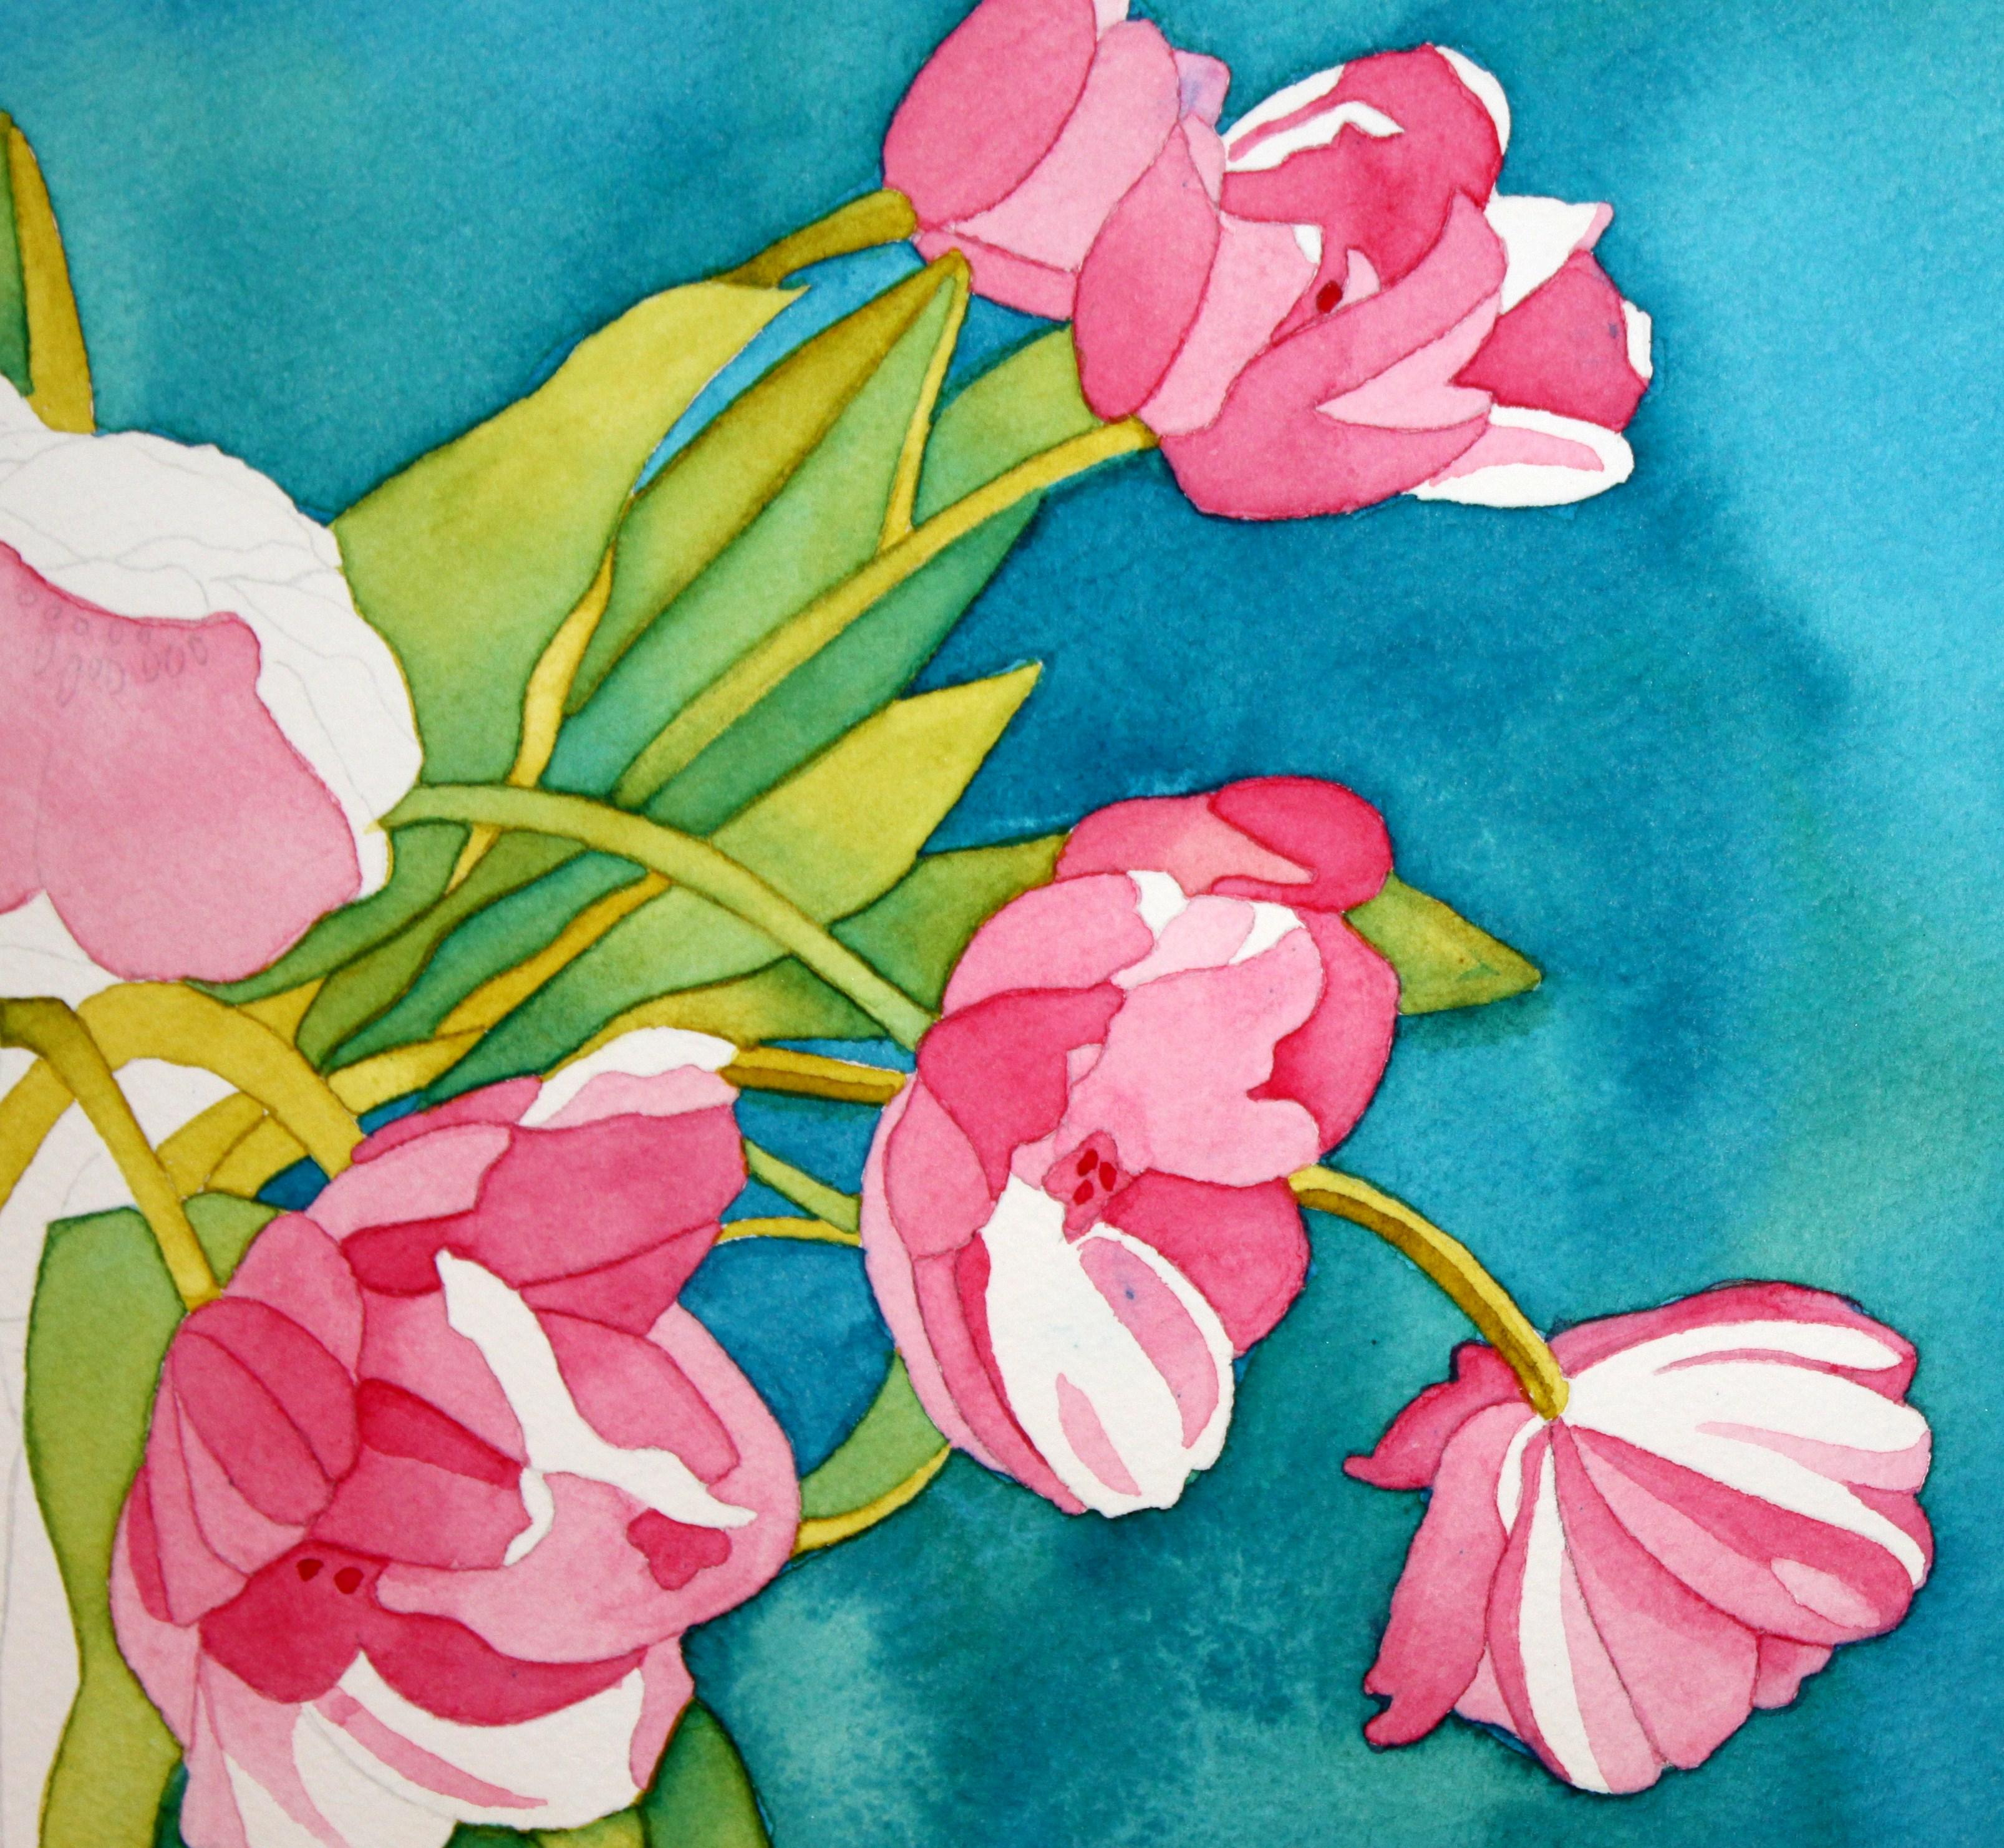 Akvarel Tulip Bouquet Afternoon kunstner-8284